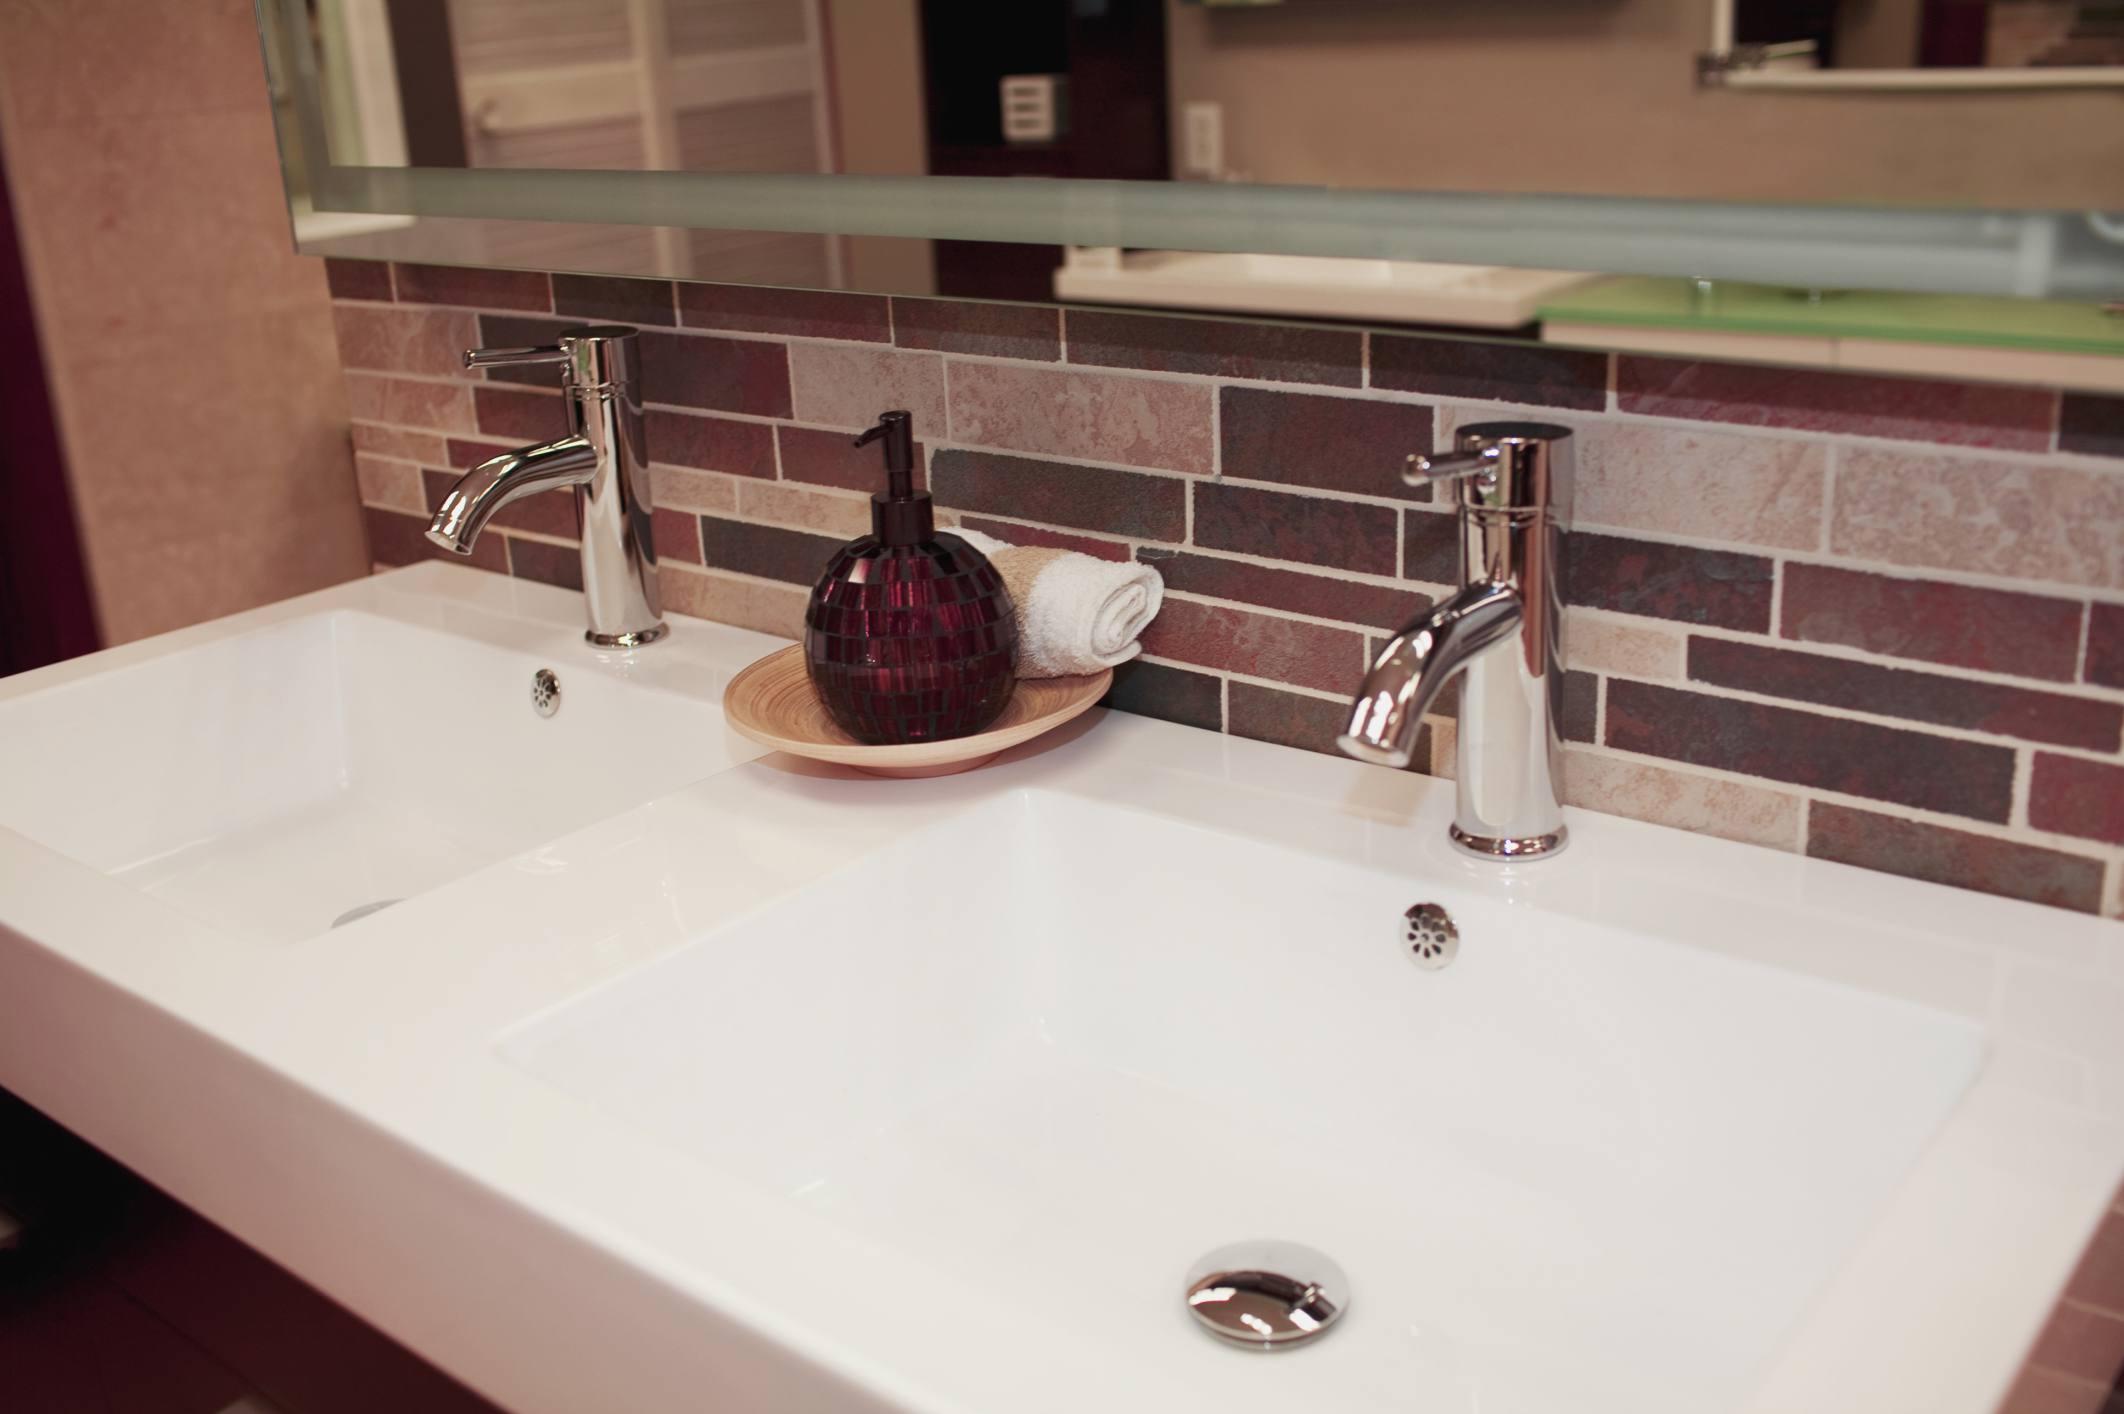 Lavabo completo de baño moderno con encimera en voladizo 126172839